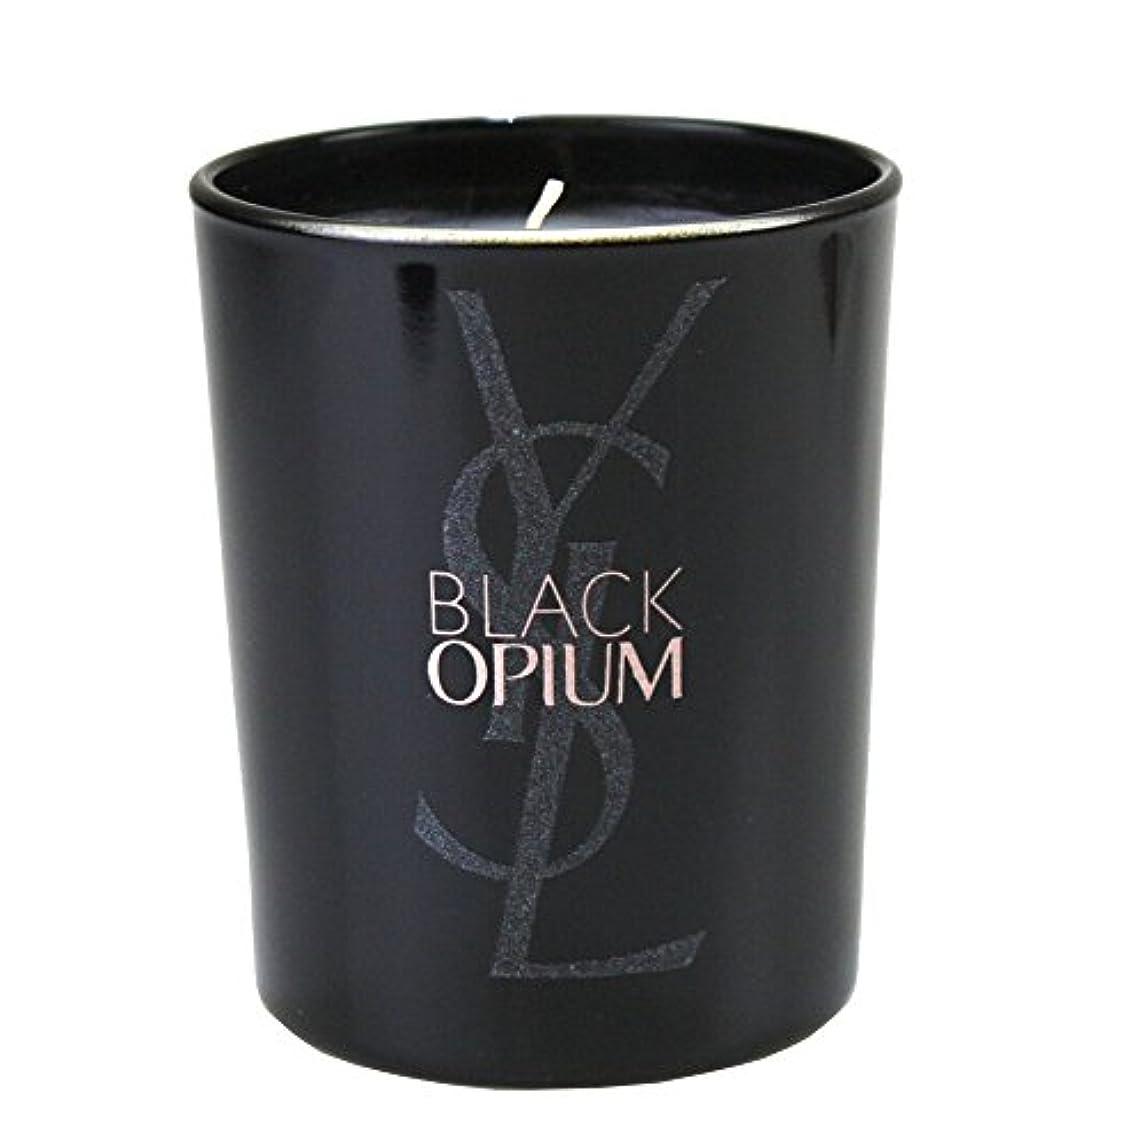 廊下割合スポンジ(イヴ サンローラン) Yves saint Laurent アロマキャンドル パリジェンヌ BLACK OPIUM 化粧 メイク コスメ ロゴ 黒 ブラック フルーティー フローラル コーヒー ジャスミンティーペタル